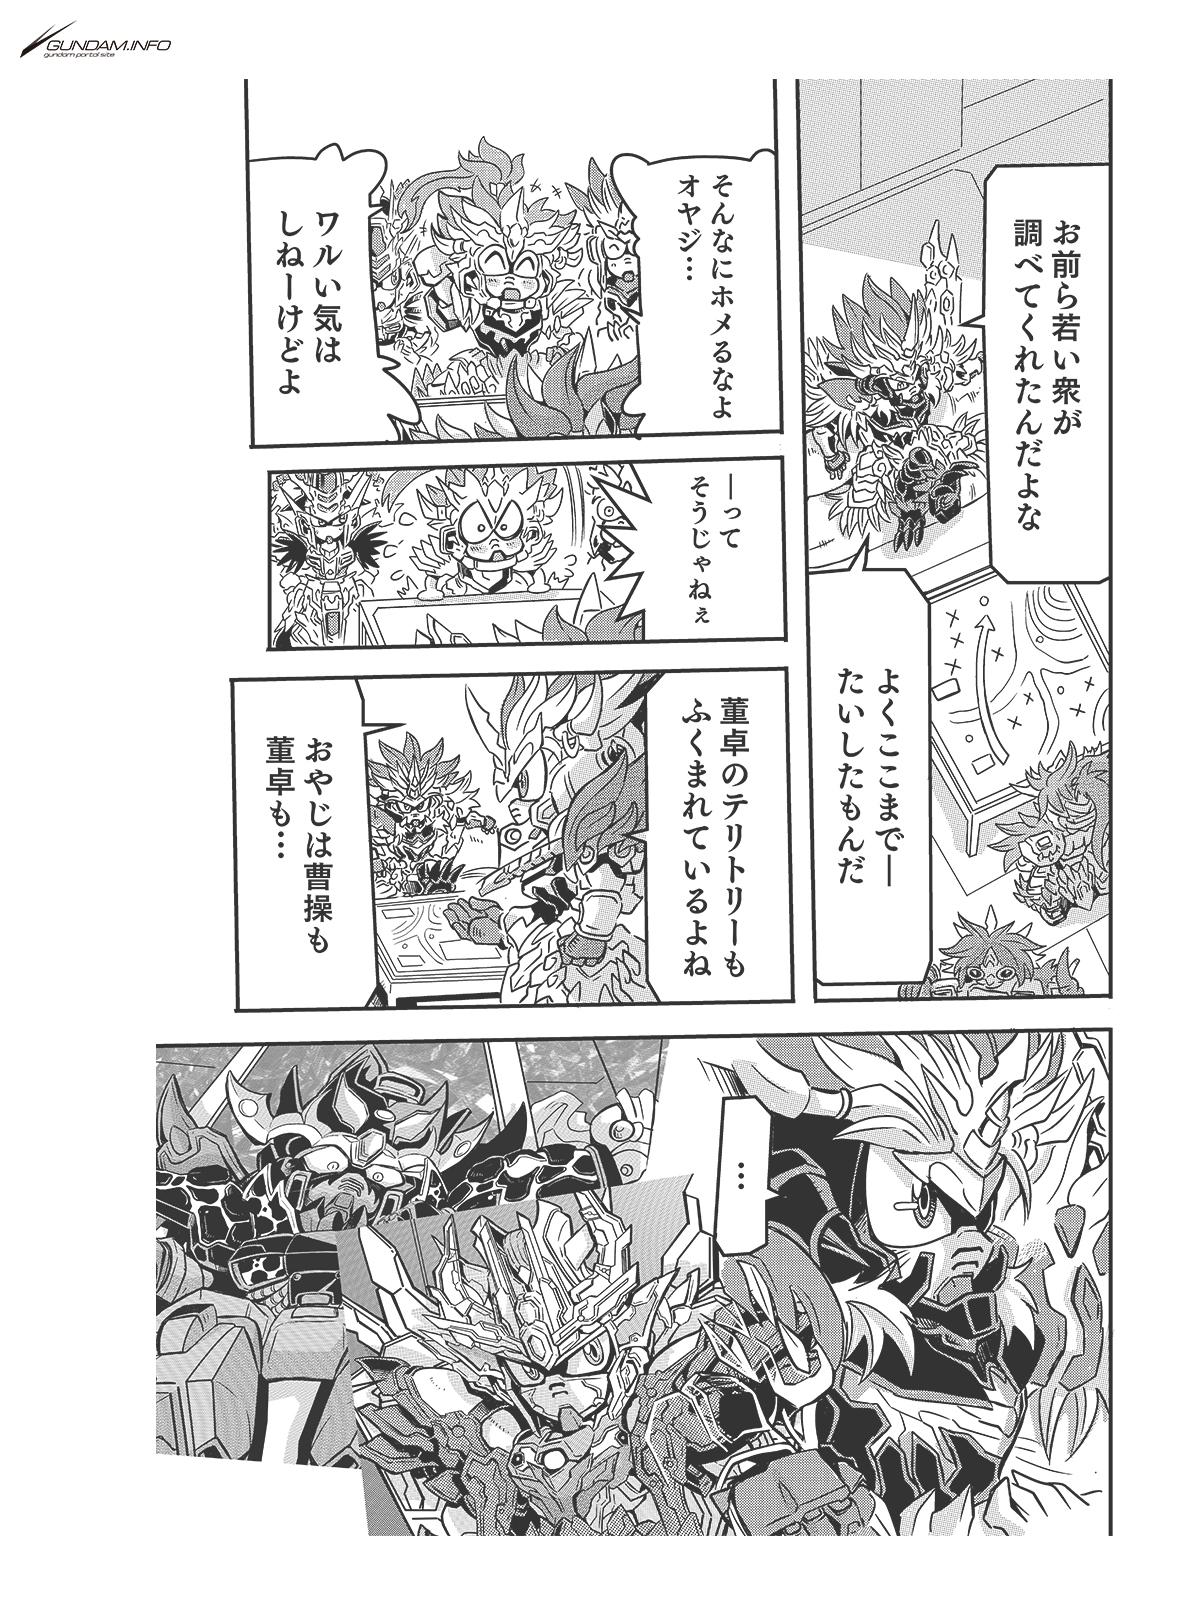 SDガンダムワールド 三国創傑伝 焔虎譚 第8話 P7